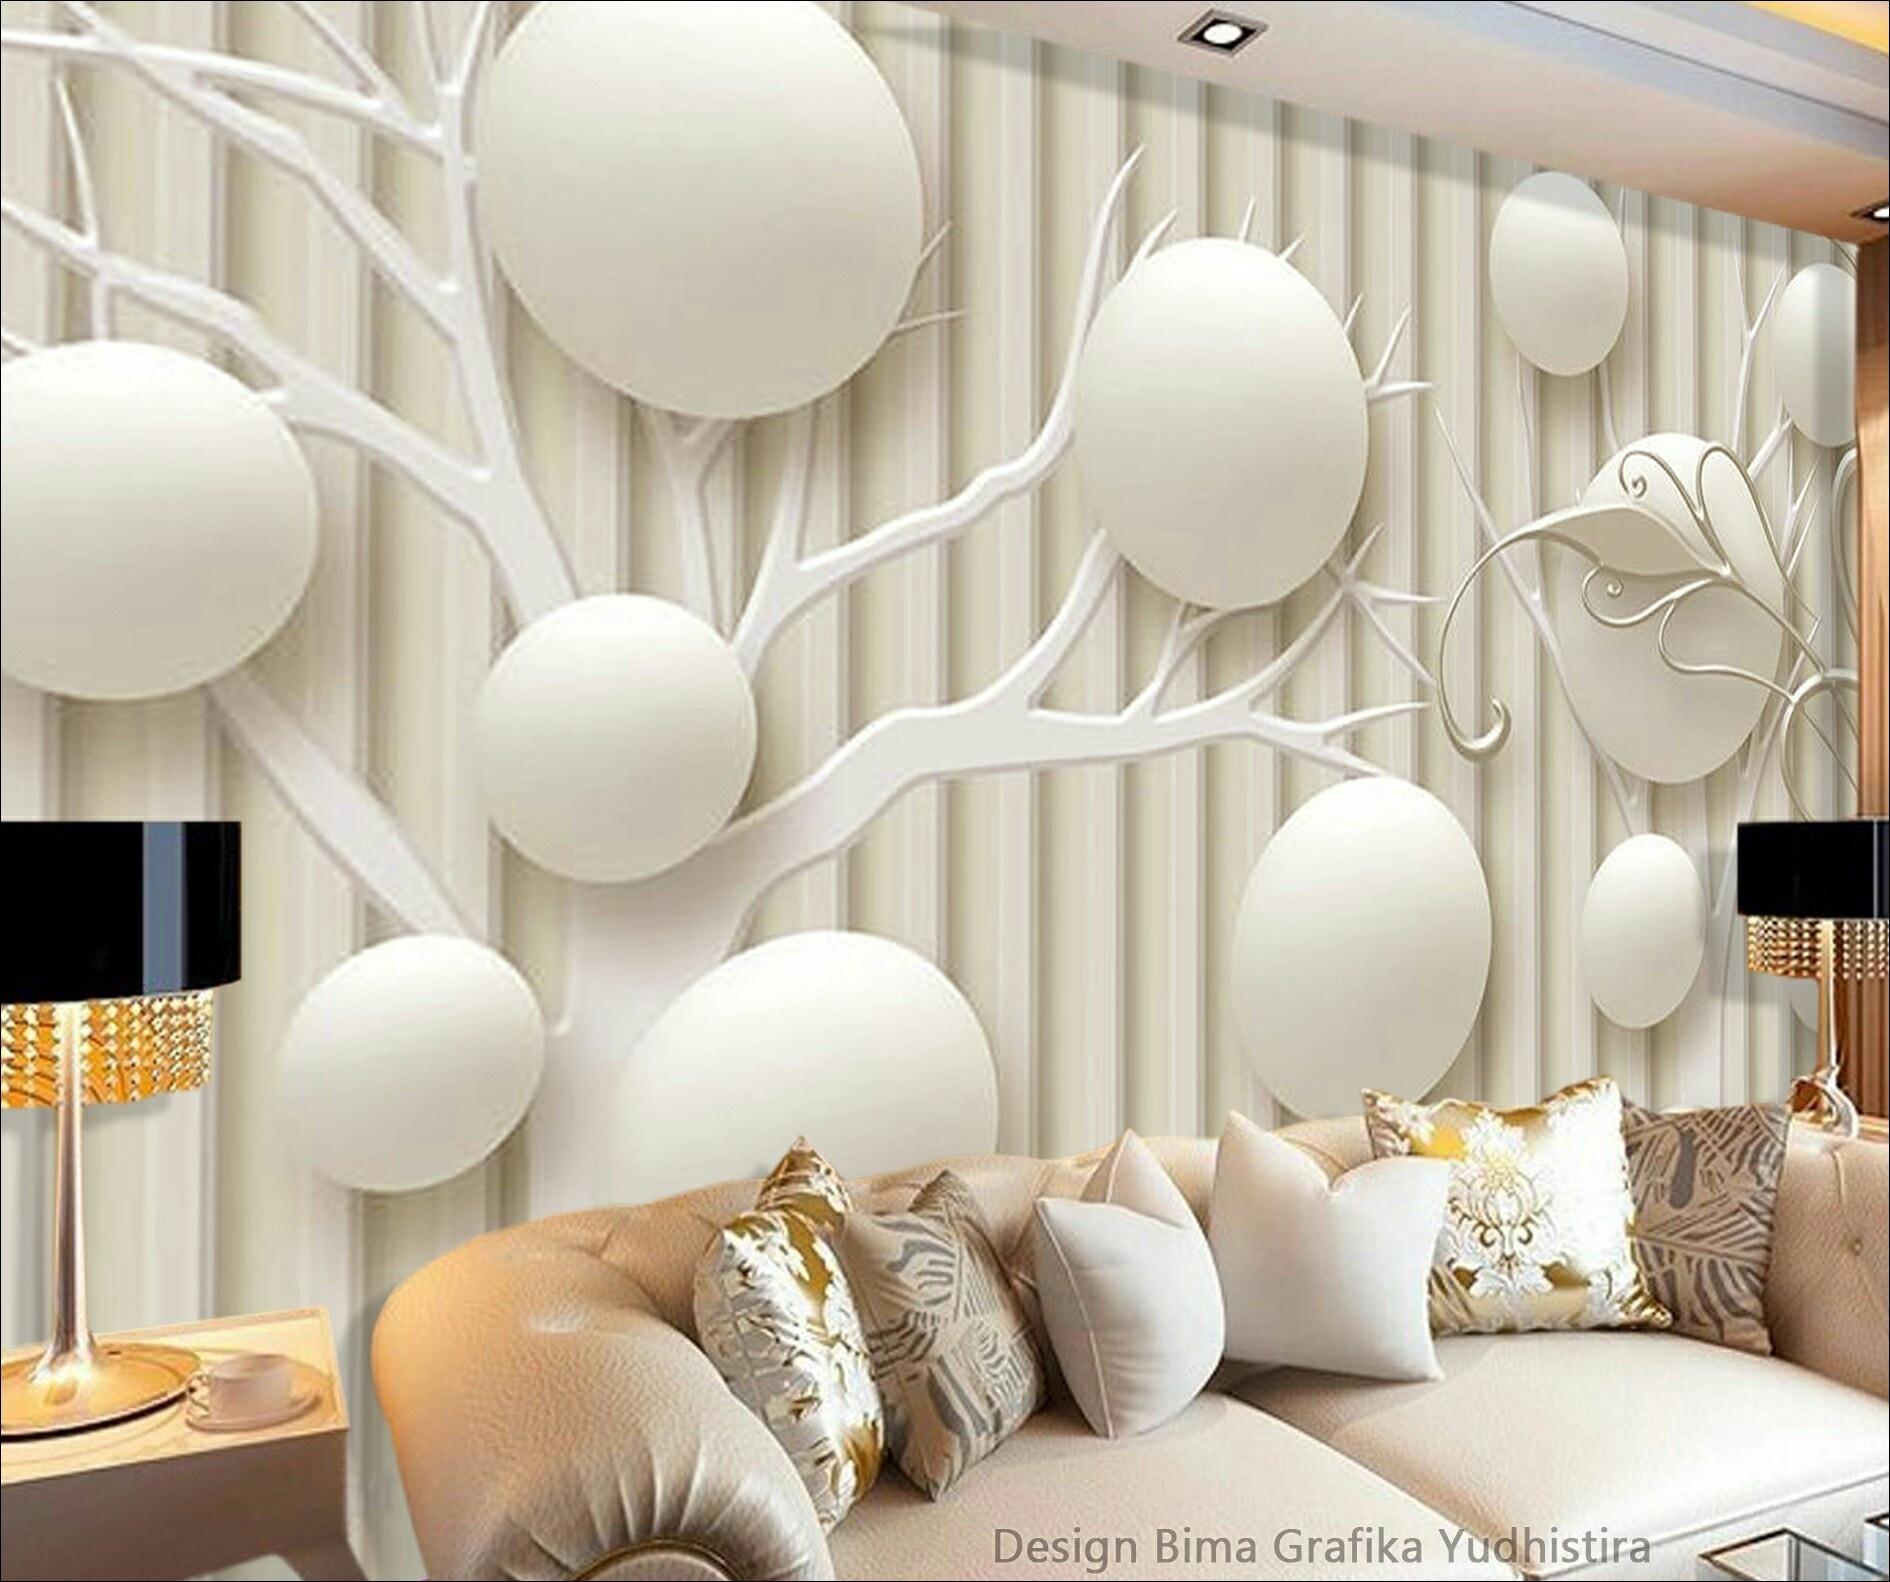 Wallpaper Dinding Hitam Putih Keren Terindah Untuk - Wall Paper Dinding 3d , HD Wallpaper & Backgrounds